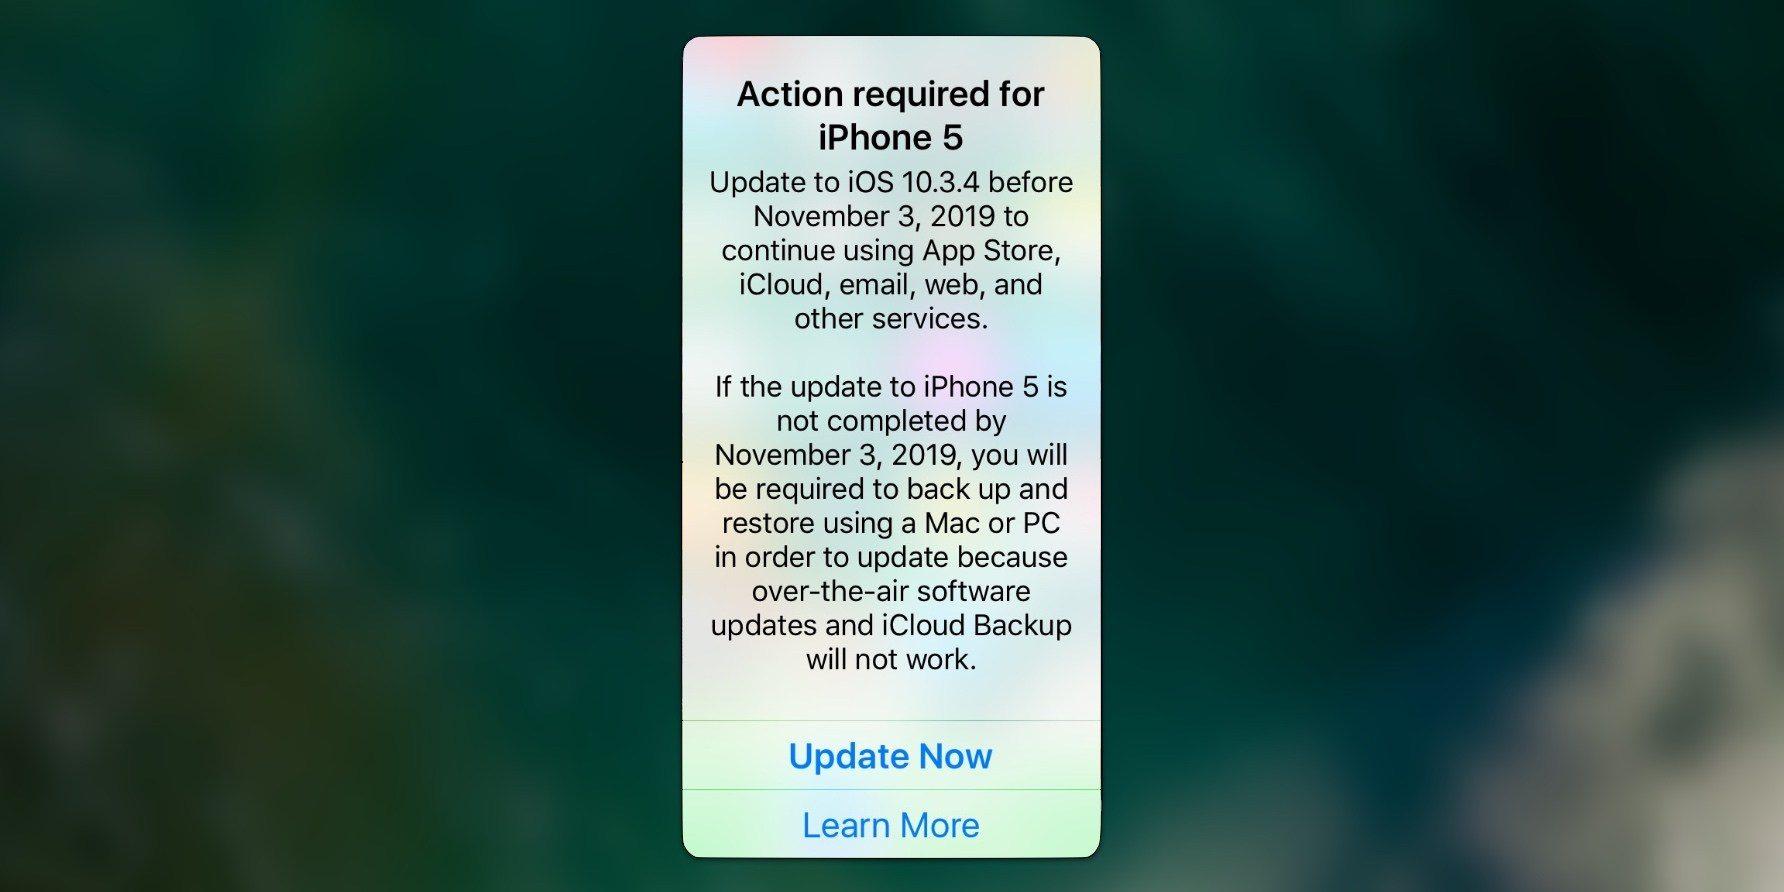 苹果官方发出通知:iPhone 5 用户需尽快更新到 iOS 10.3.4